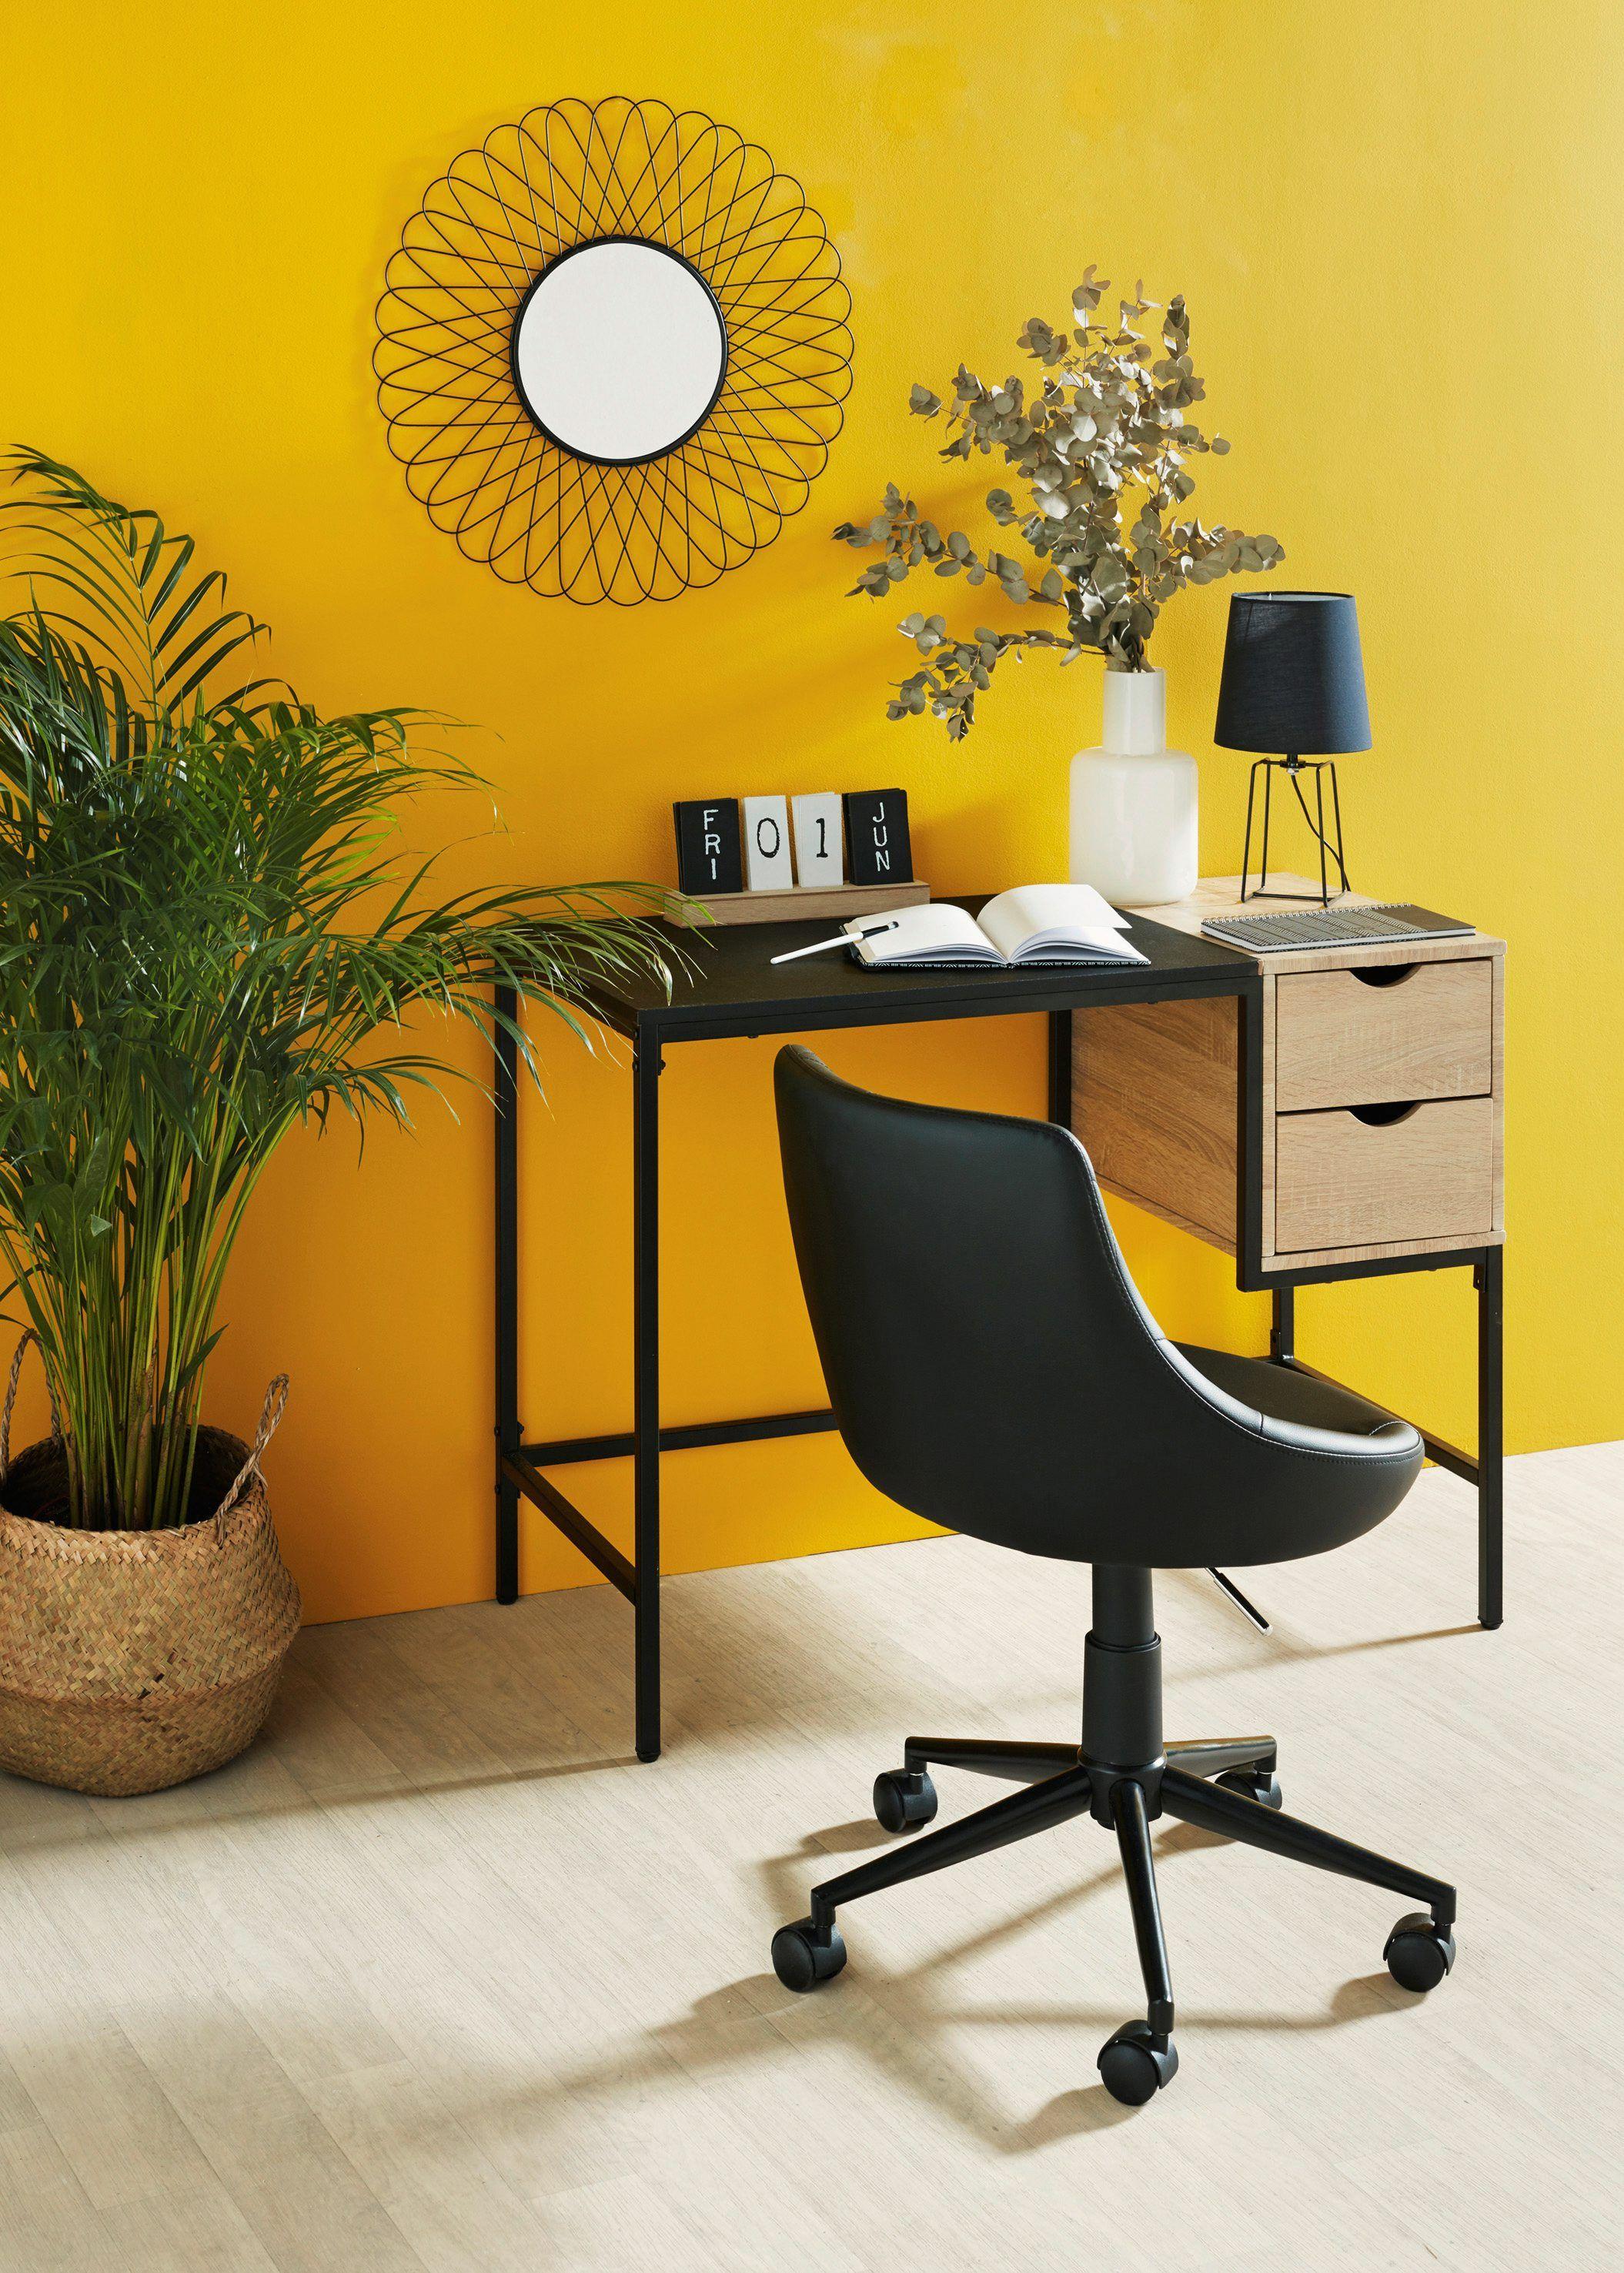 Bureau Et Secretaire Pas Cher Decoration Maison Mobilier De Salon Bureau